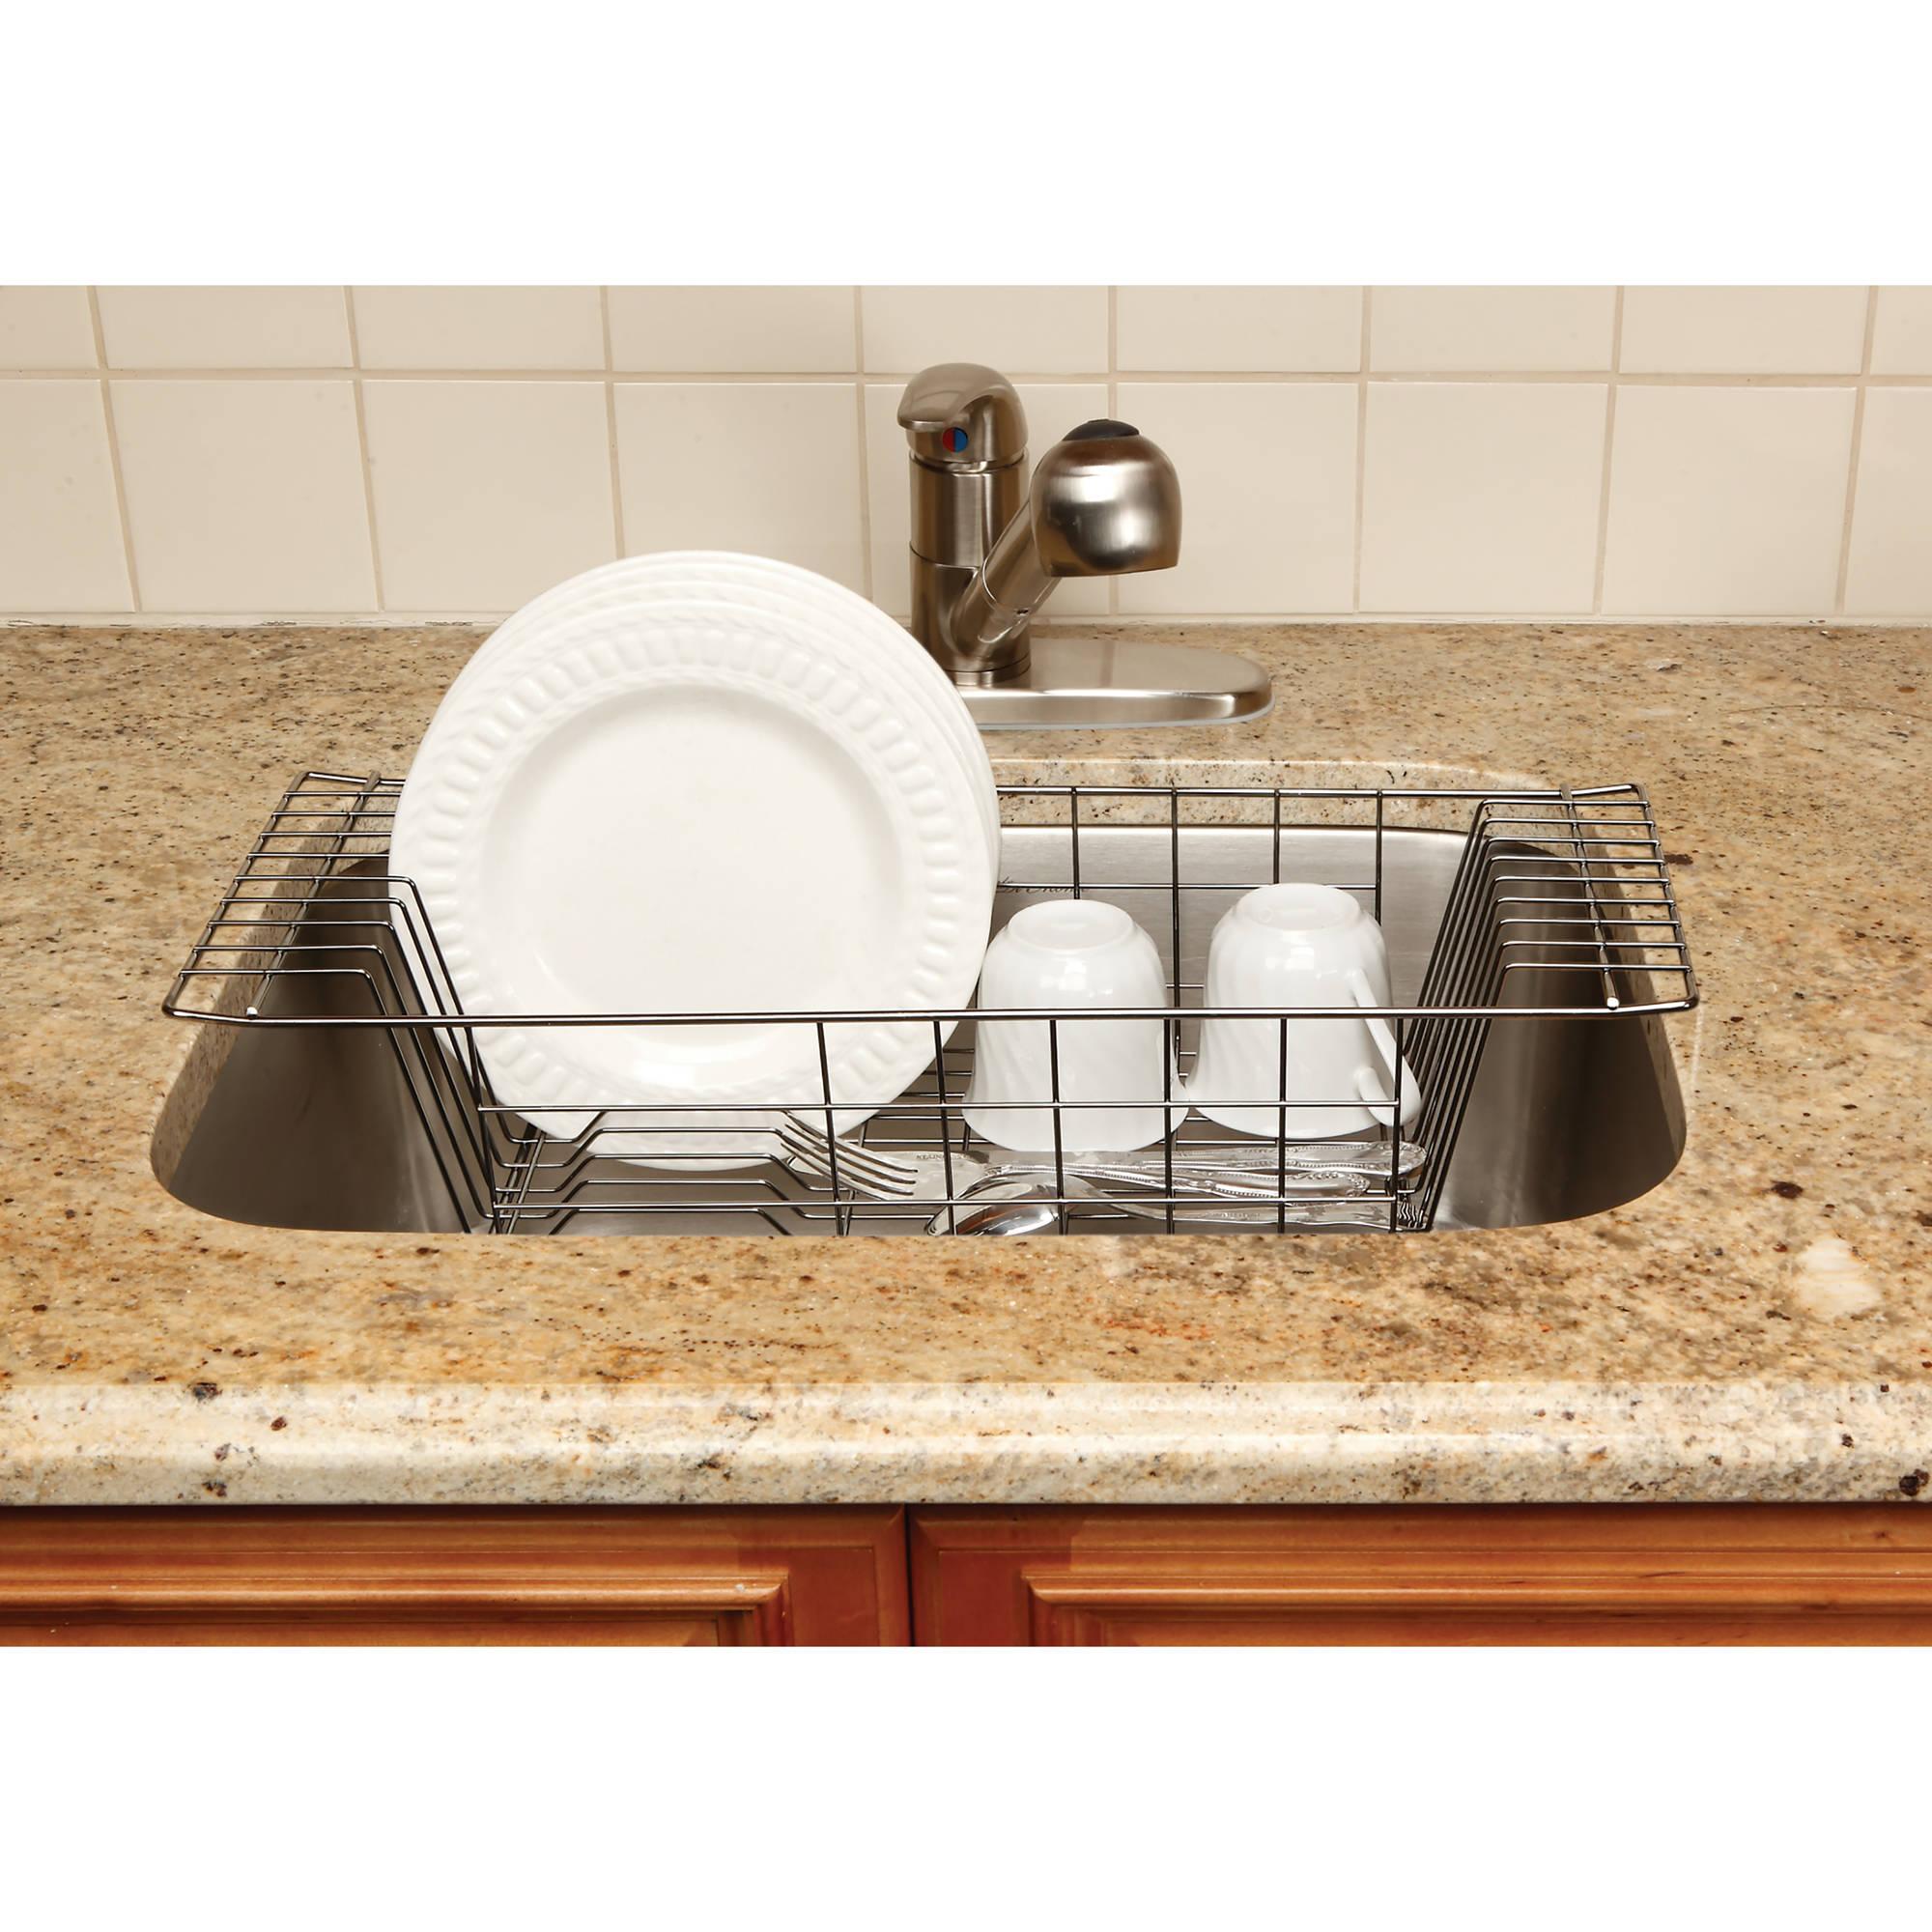 Kitchen Details Onyx Dish Drainer